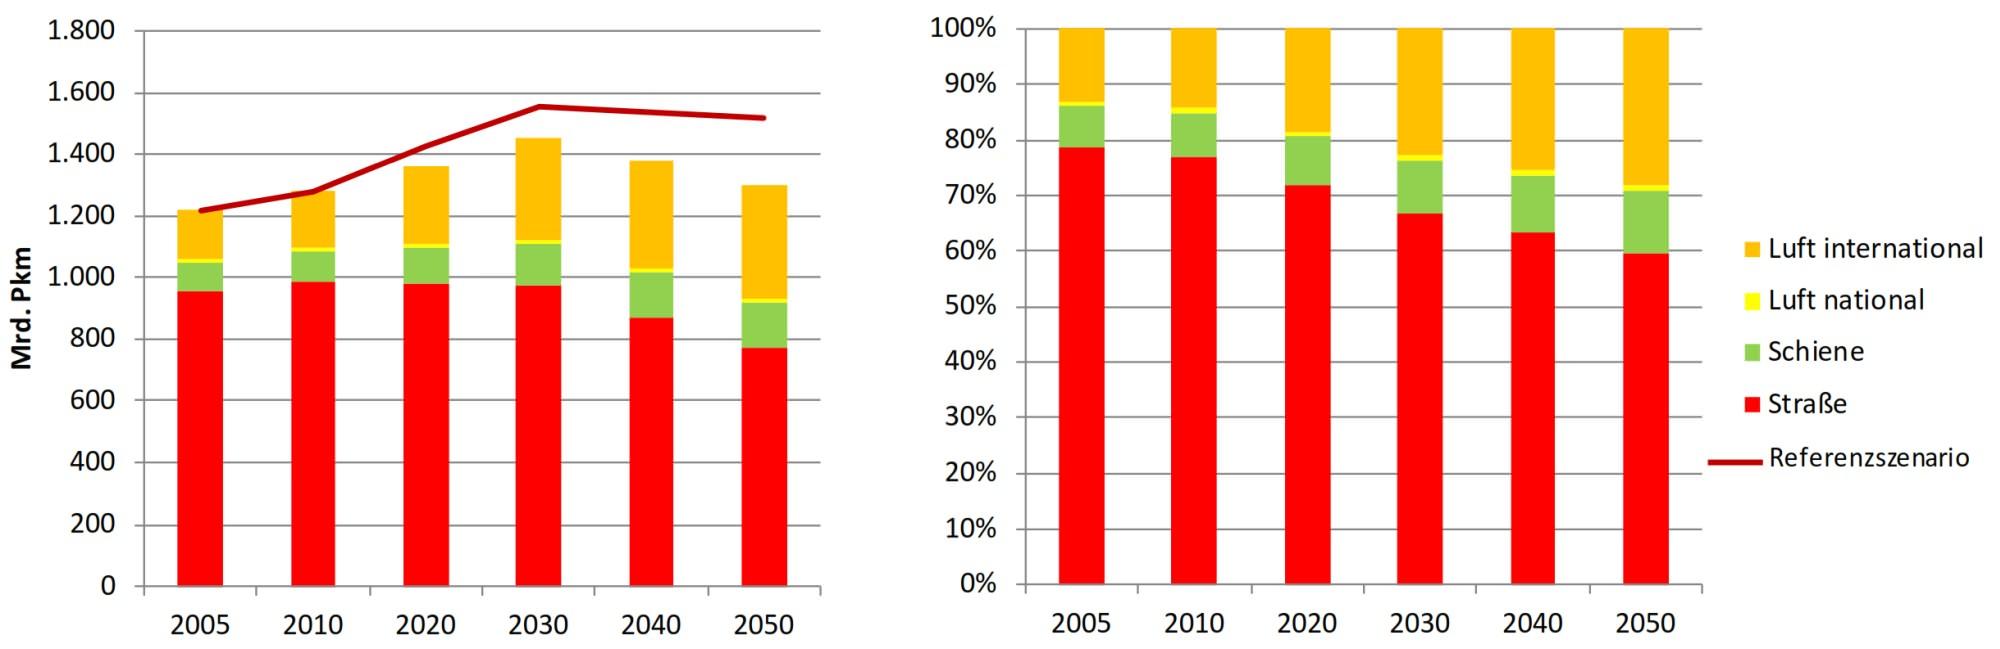 Entwicklung Personenverkehr Klimaschutz Modal Split Veränderung